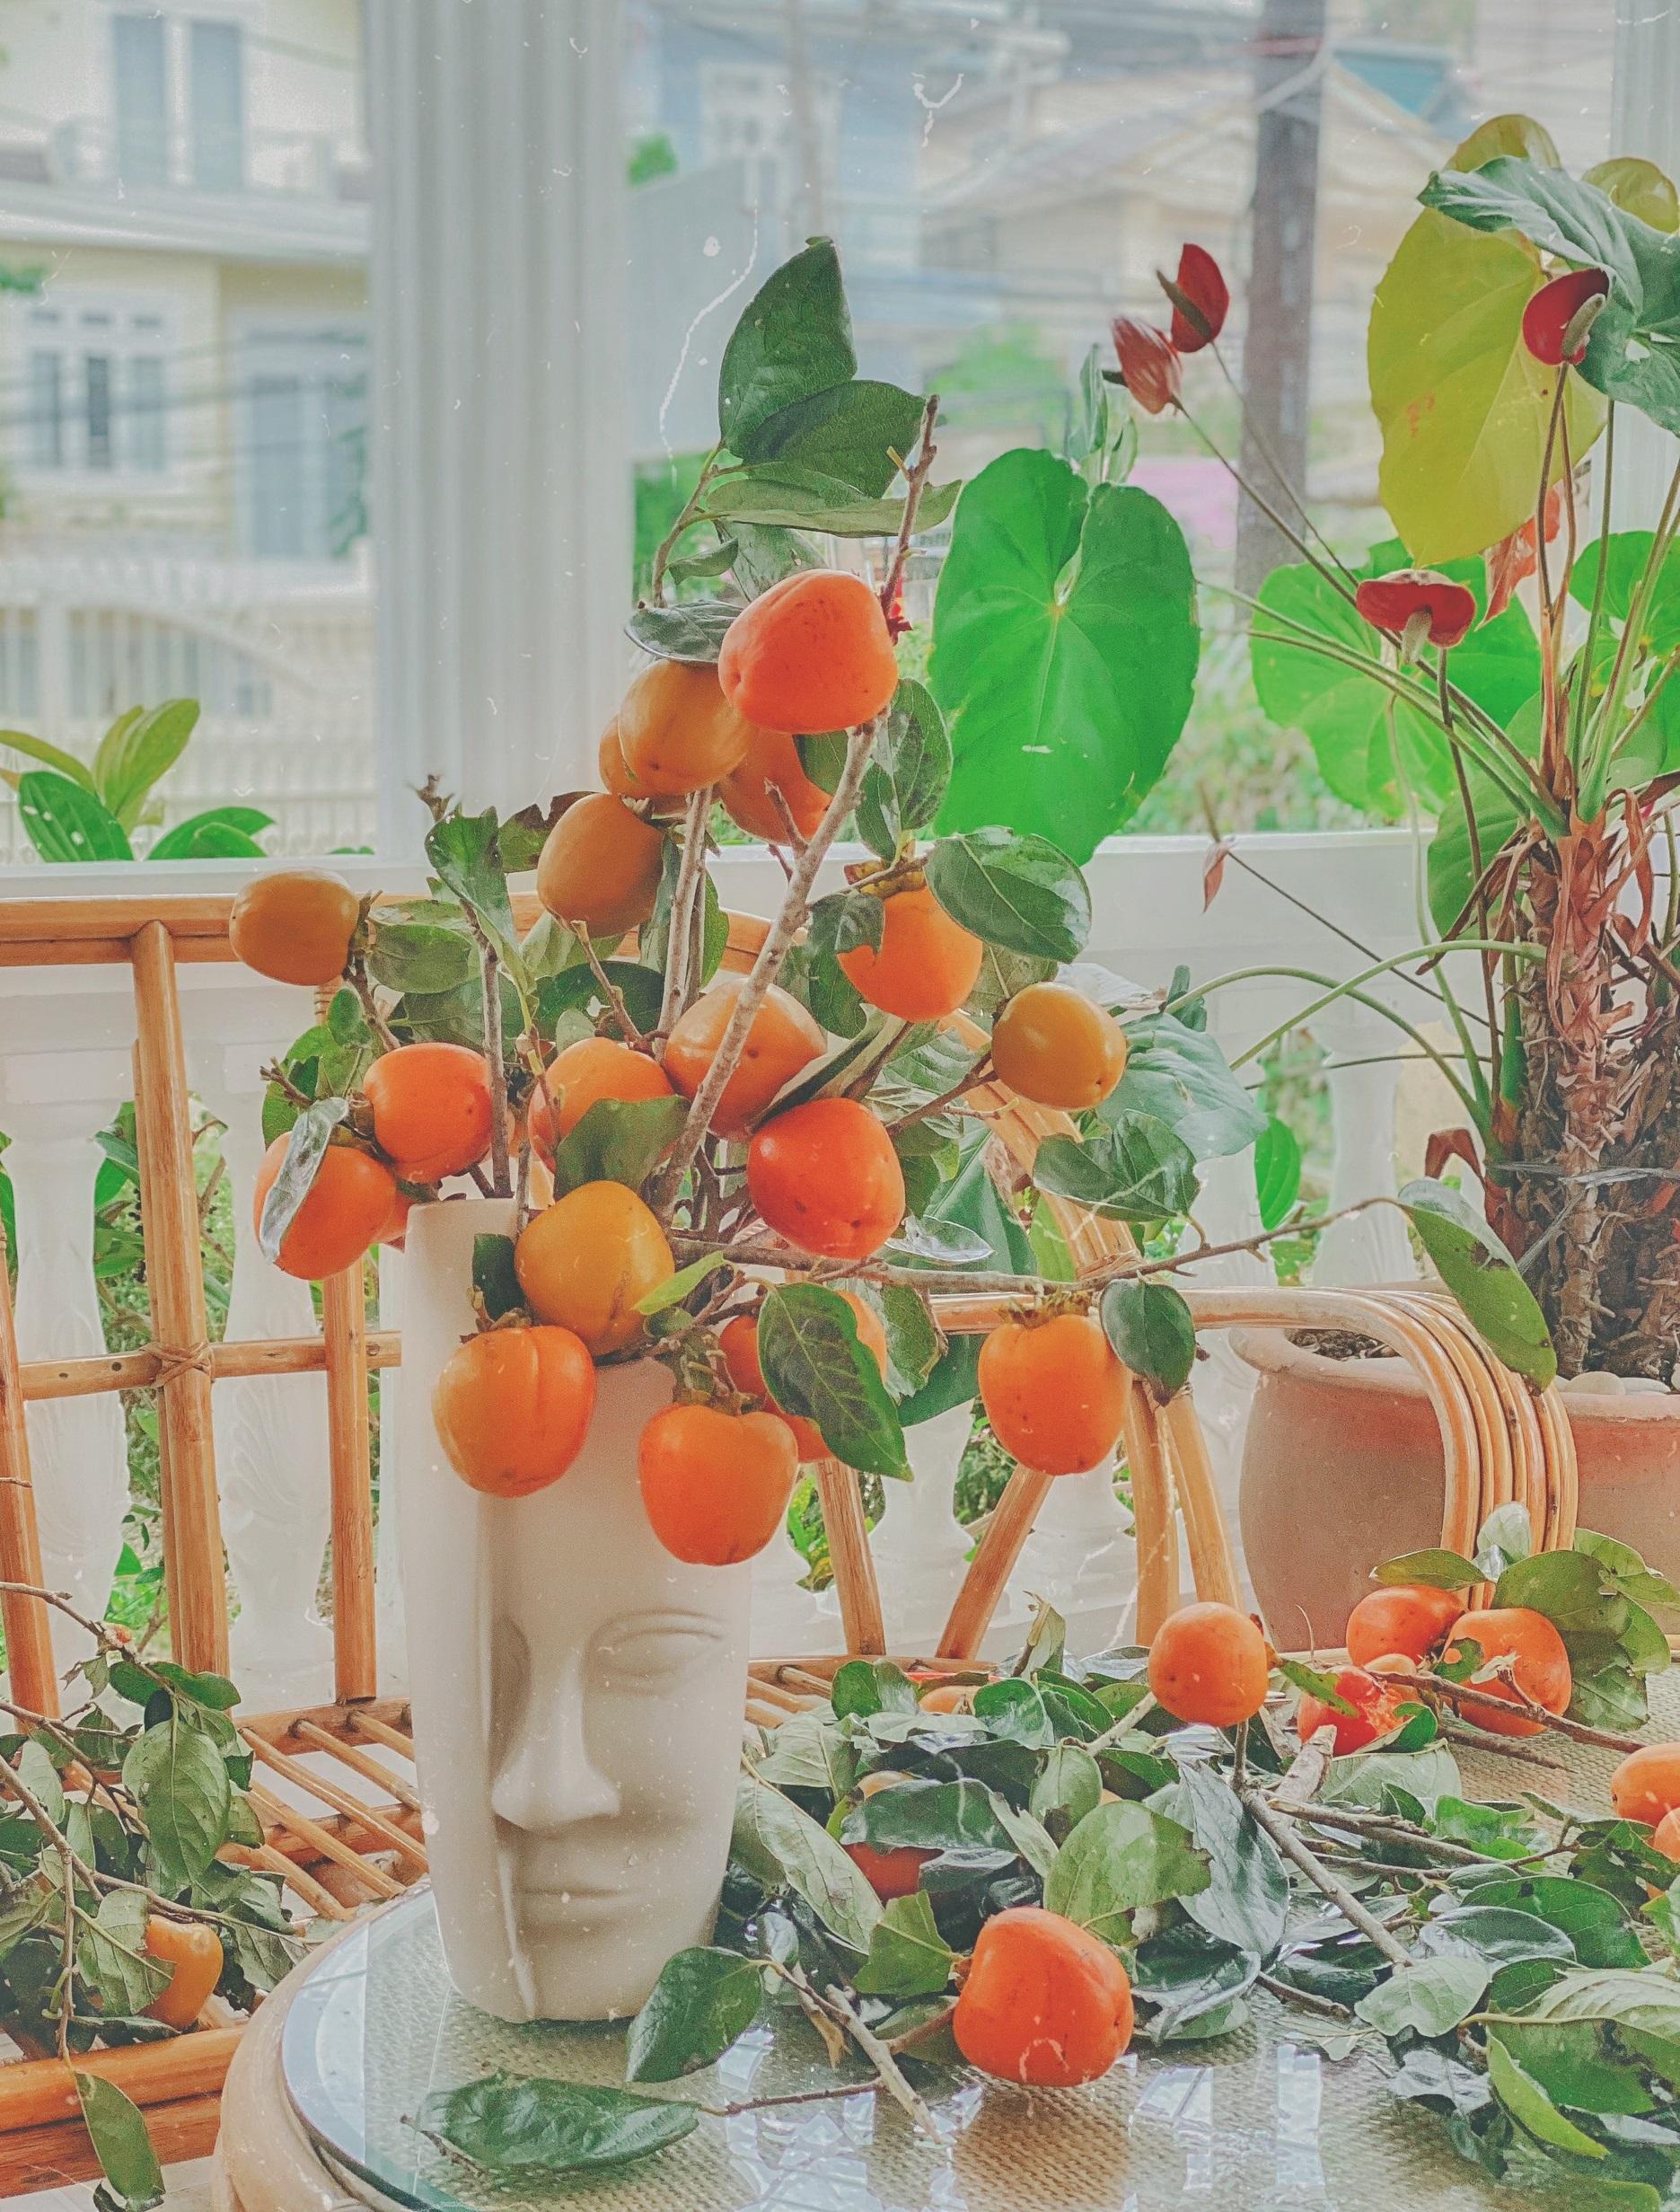 Những cành hồng quả chín đẹp còn được đem về cắm bình tạo không gian phòng khách thêm ấn tượng và đầy sắc màu vào dịp trung thu. Cắm cành được 10 ngày là trái rụng hơi héo, lúc đó lấy ủ lu gạo cho chín mềm, chị nói.